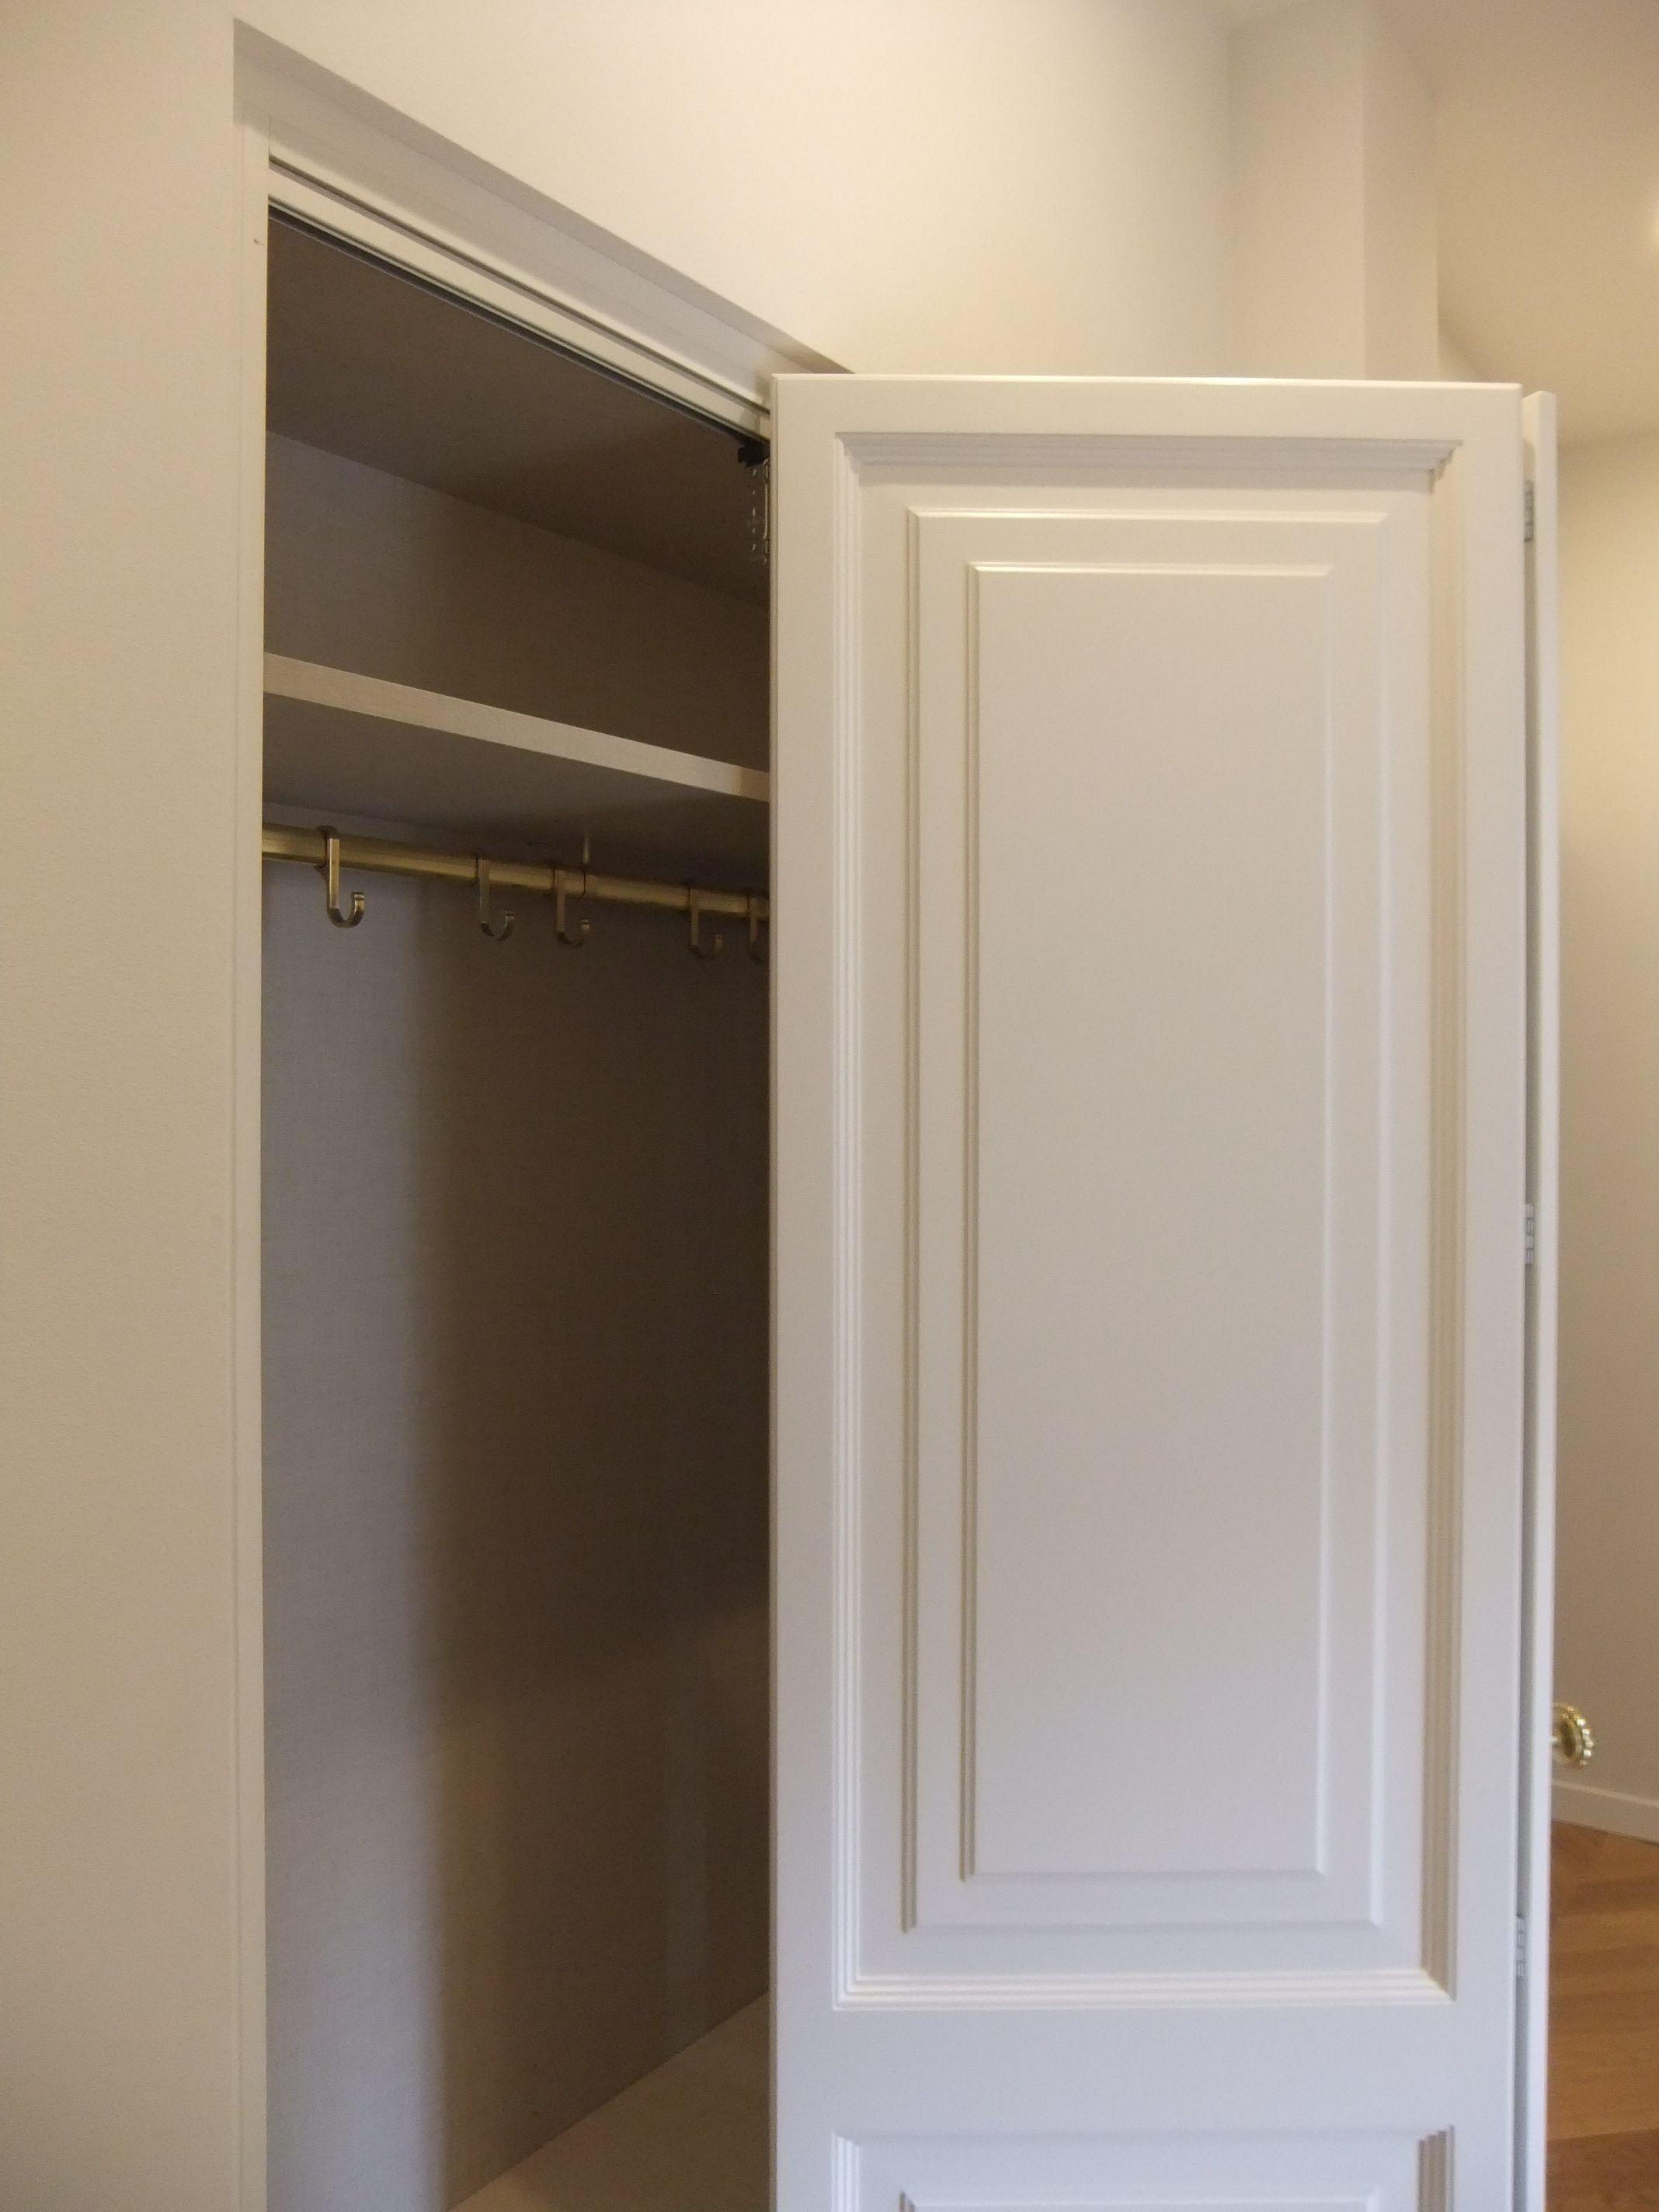 Dettaglio armadio, ante a telaio con fodrina sbalzata ...